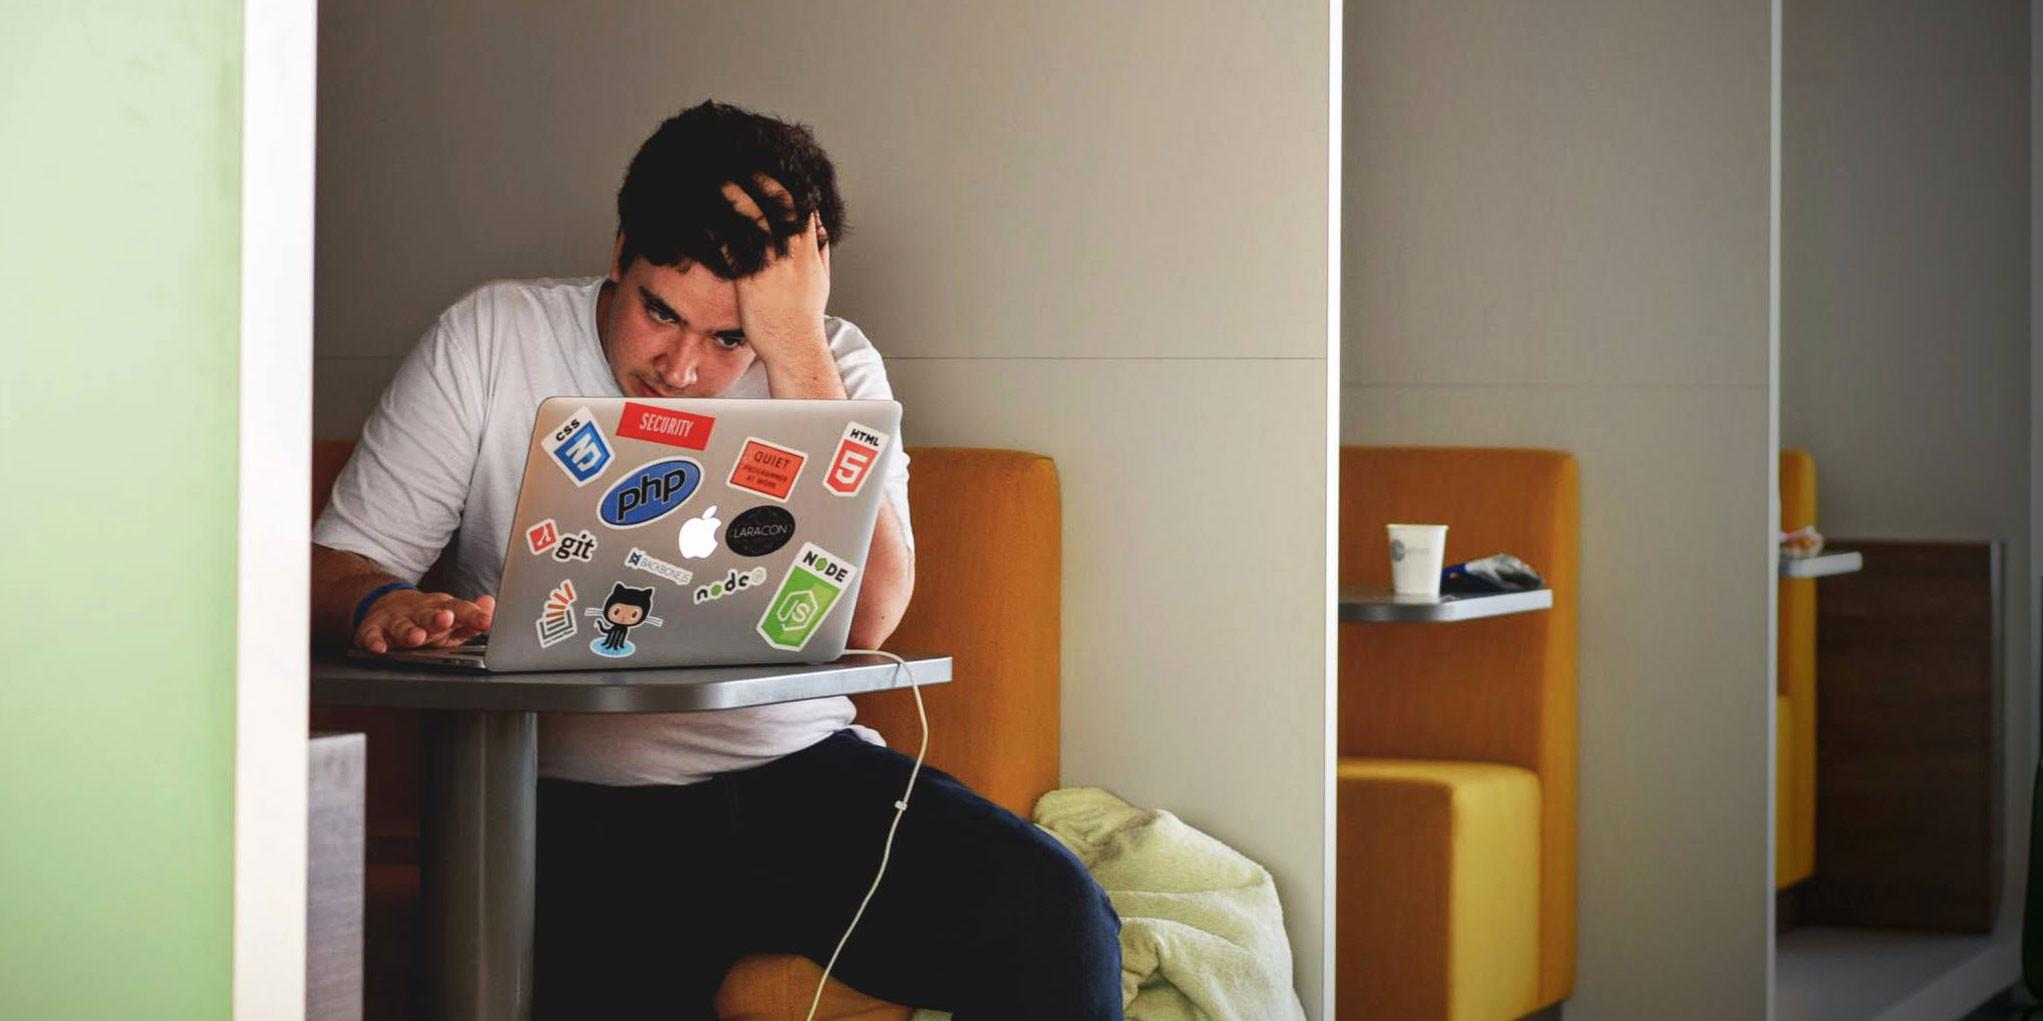 man staring at laptop looking distressed